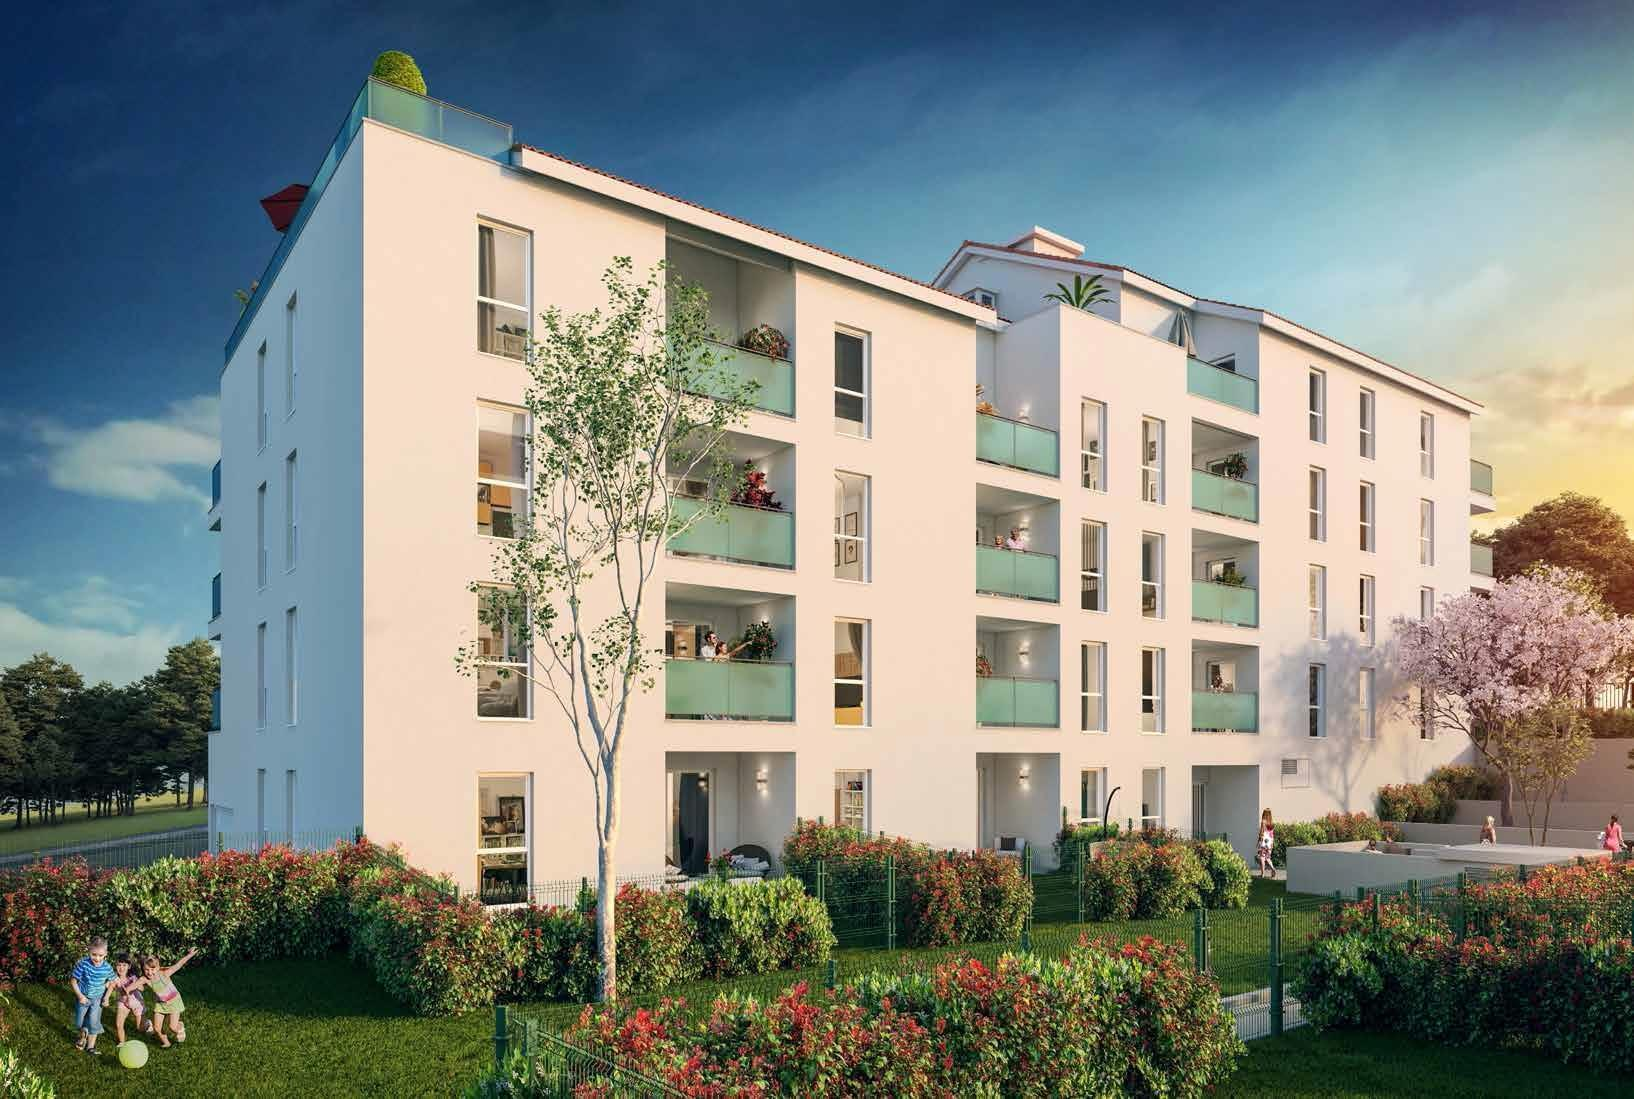 Résidence à Saint Fons Centre ville, Appartements lumineux, Résidence neuve,